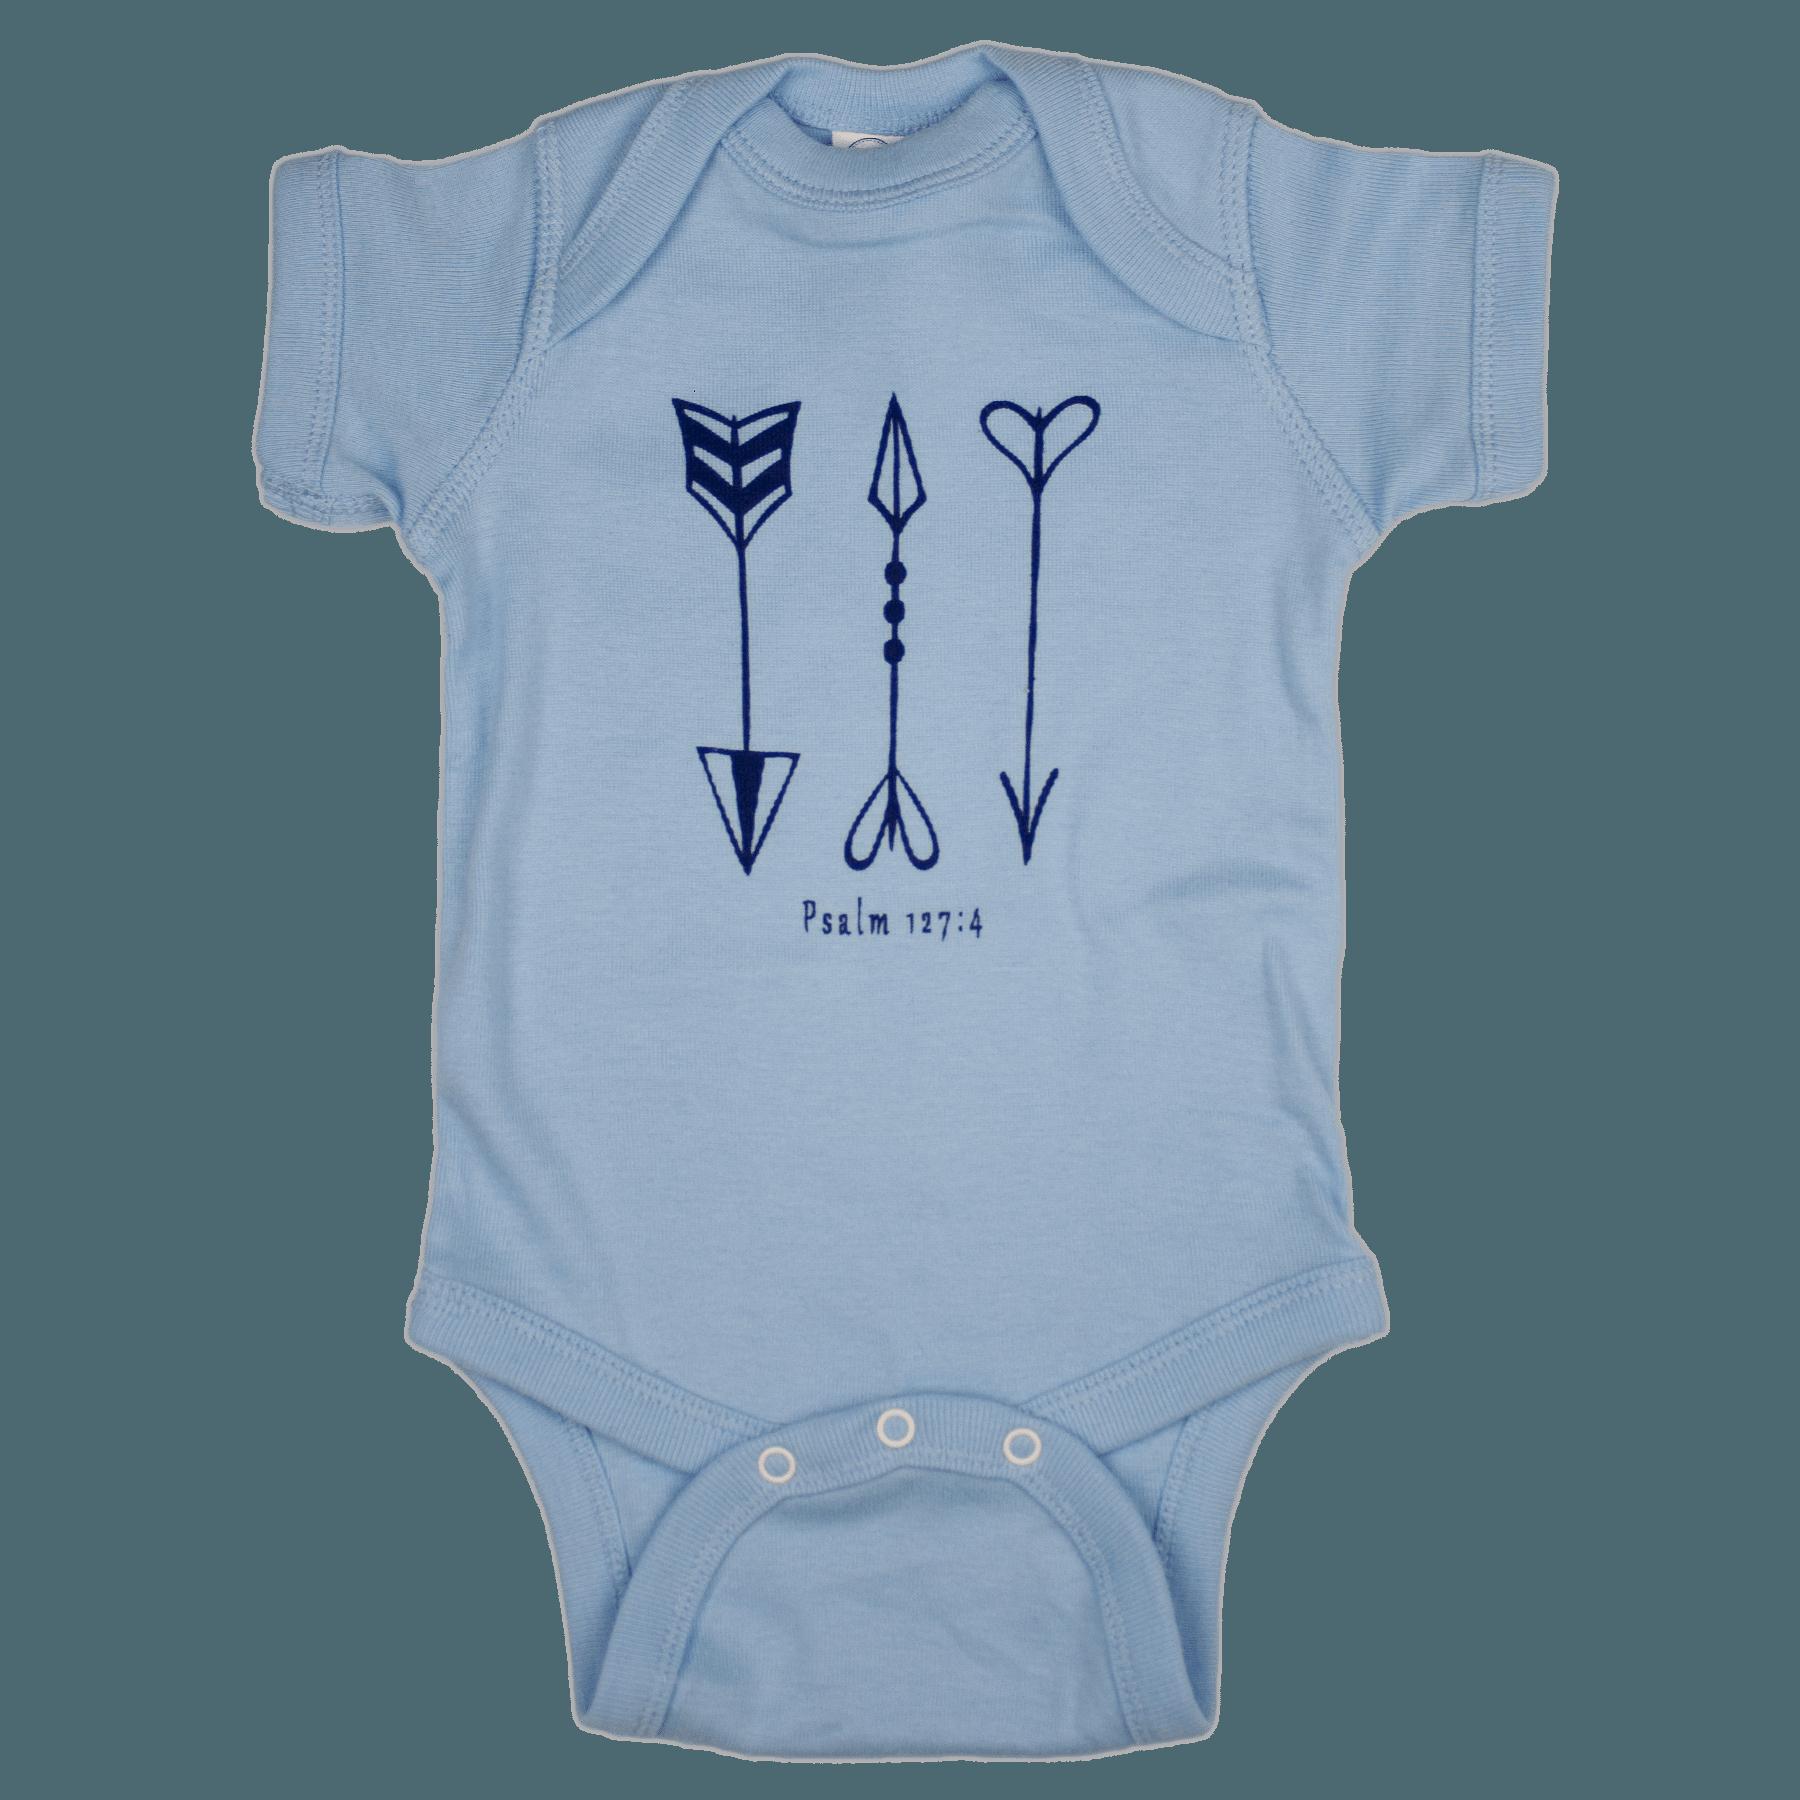 seeds-infant-blue